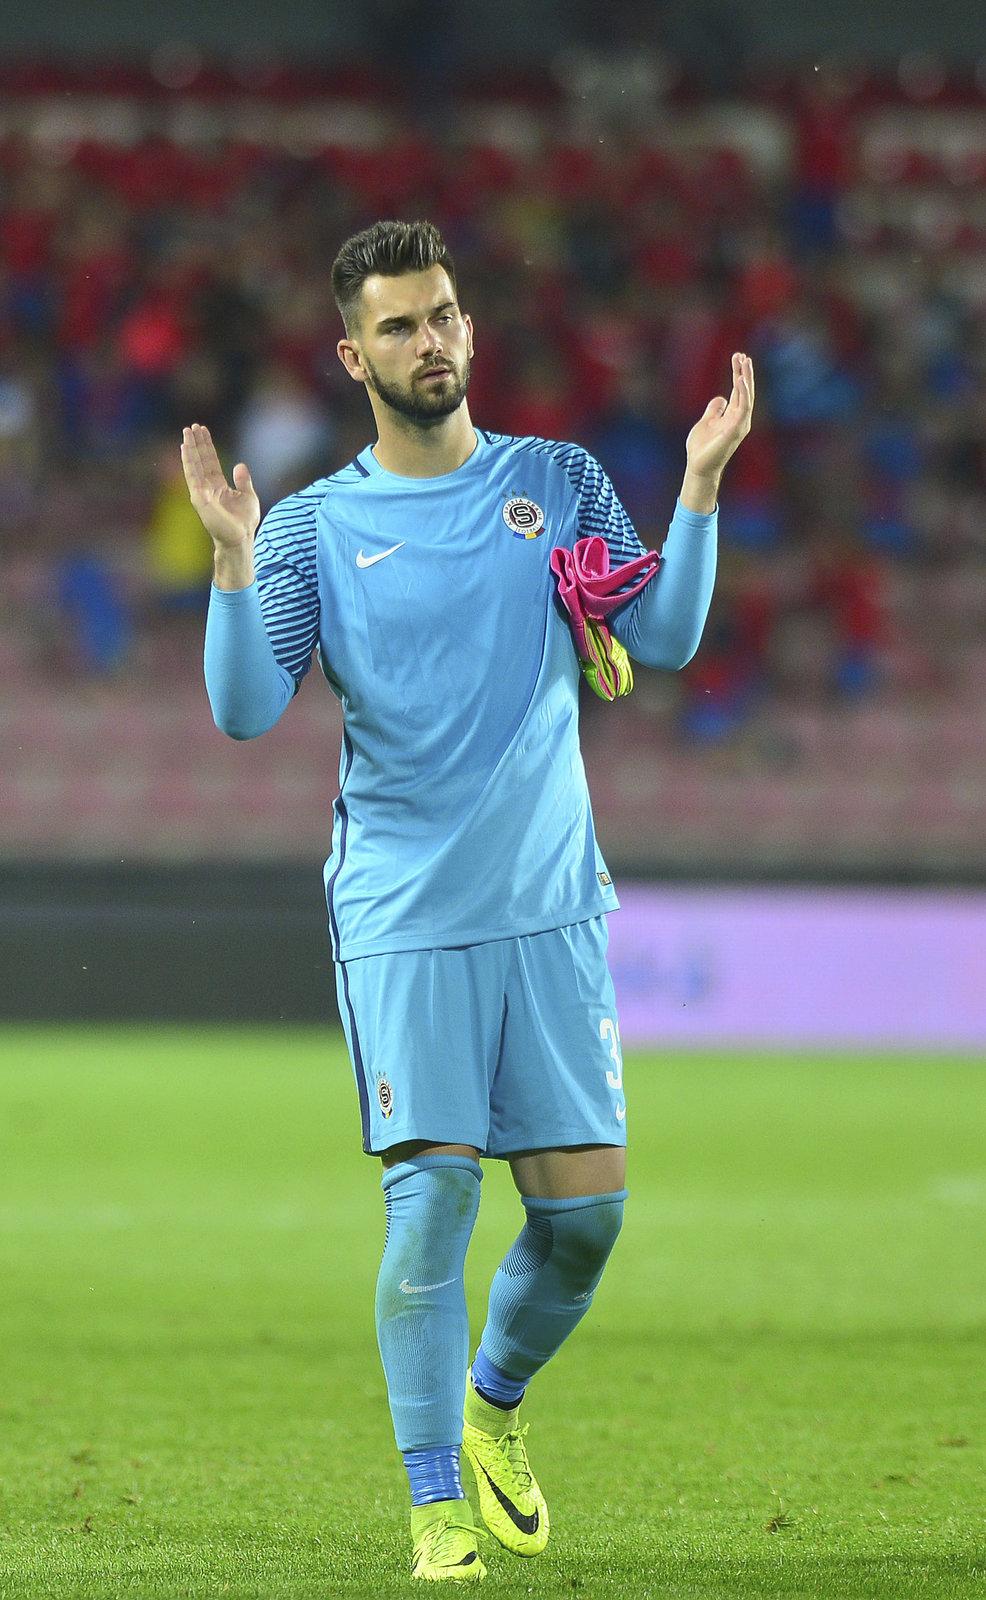 Brankář Sparty Tomáš Koubek odchytal druhý poločas přípravného duelu s Fenerbahce Istanbul.